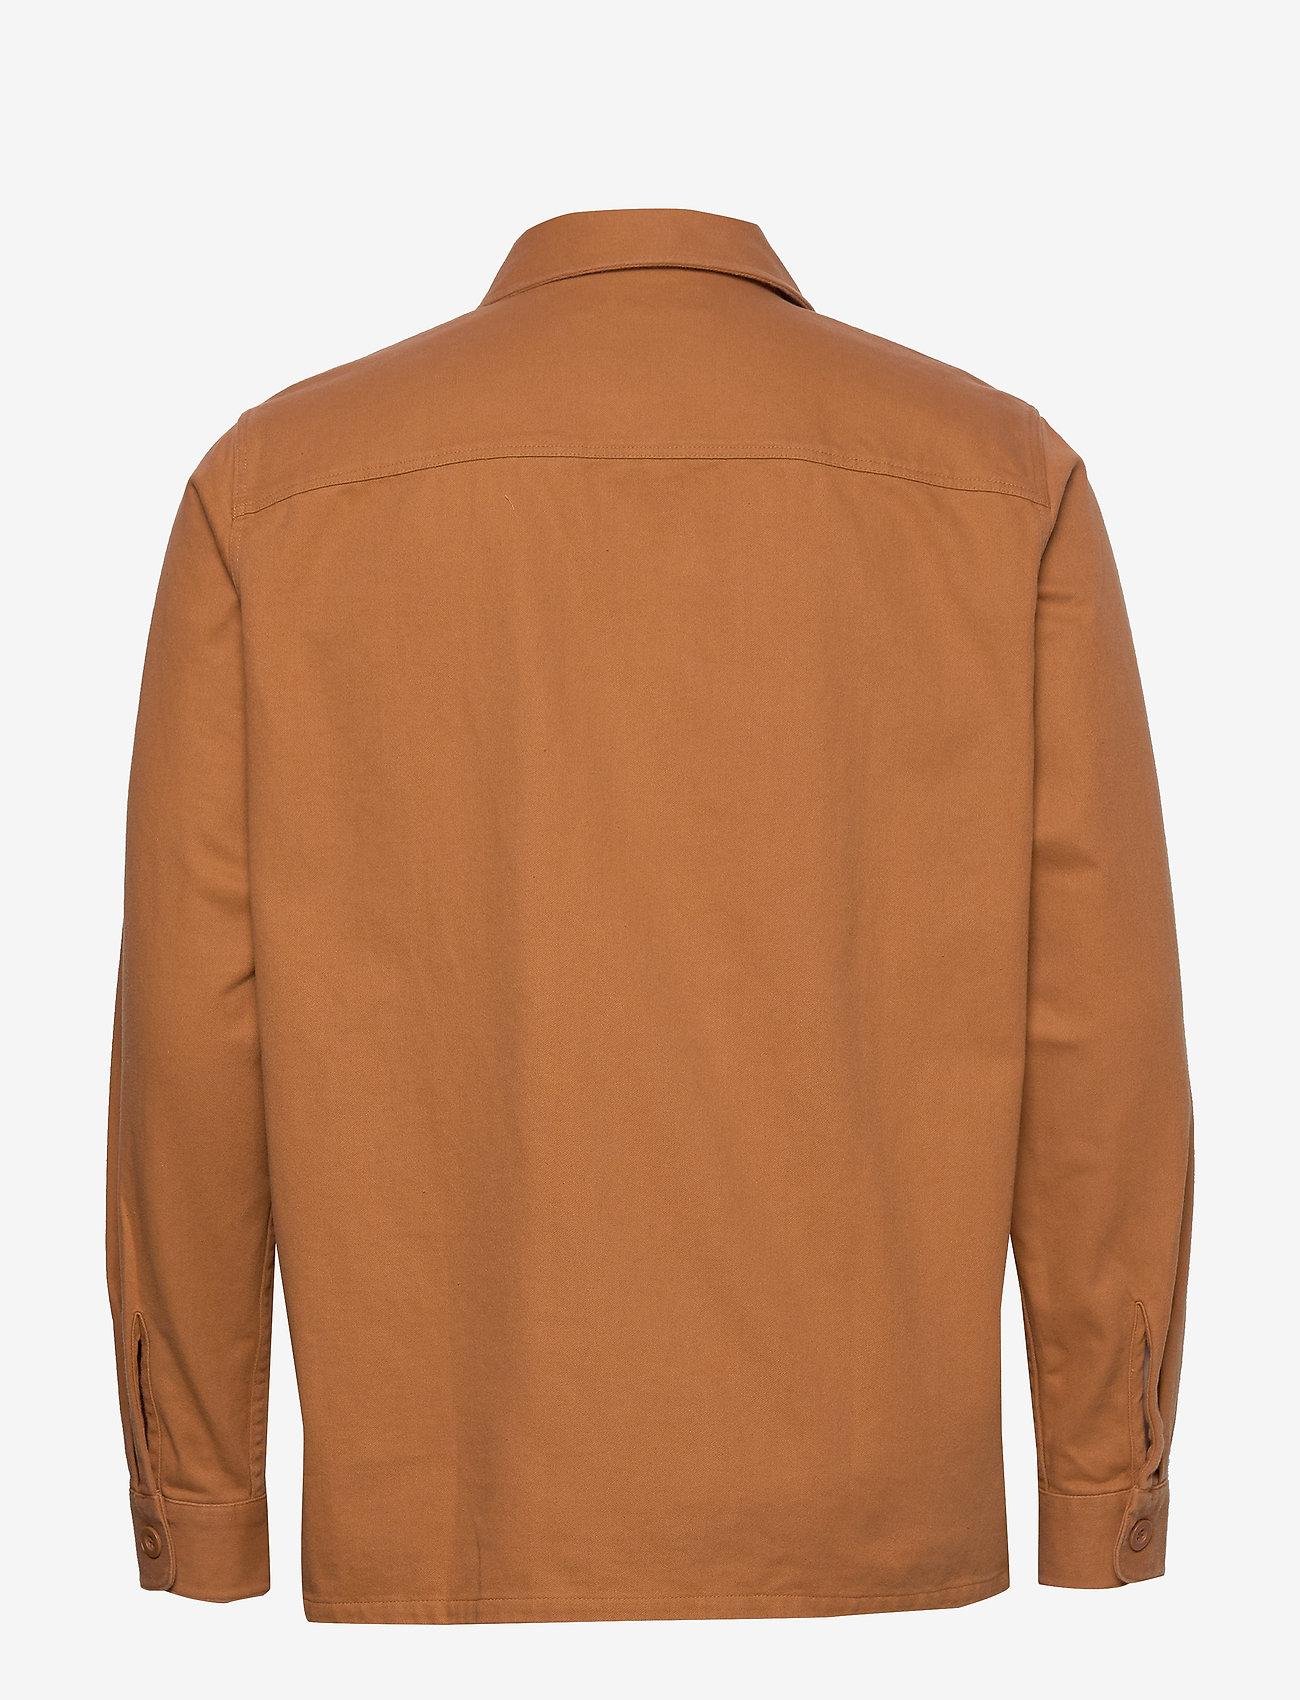 Samsøe Samsøe Luccas N shirt 11383 - Jakker og frakker MEERKAT - Menn Klær